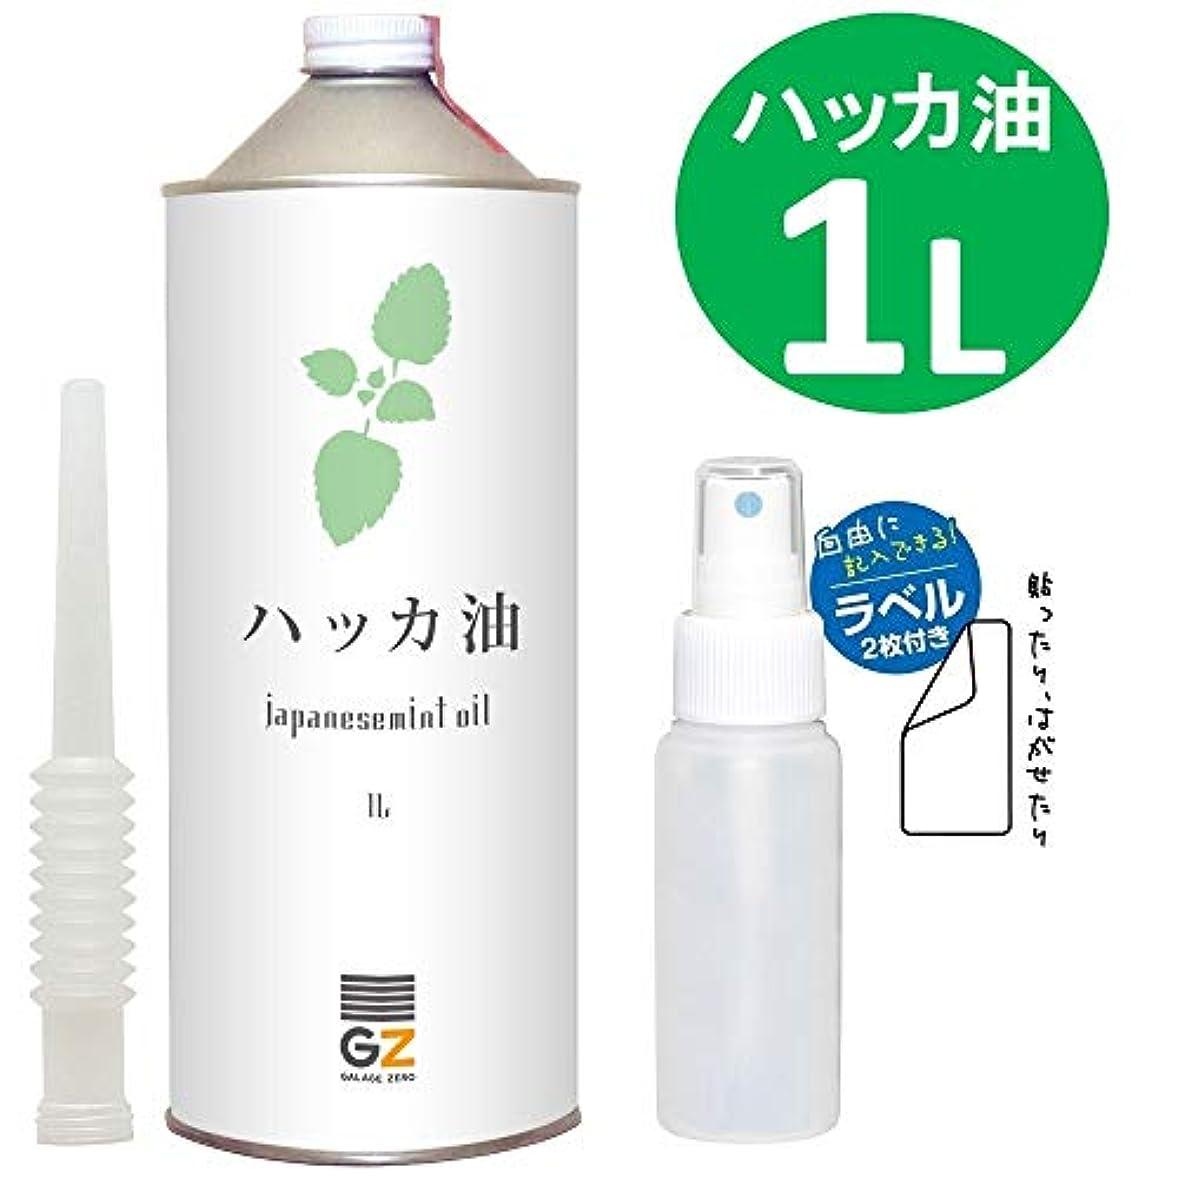 カジュアル生理肥料ガレージ?ゼロ ハッカ油 1L(GZAK14)+50mlPEスプレーボトル/和種薄荷/ジャパニーズミント GSE531